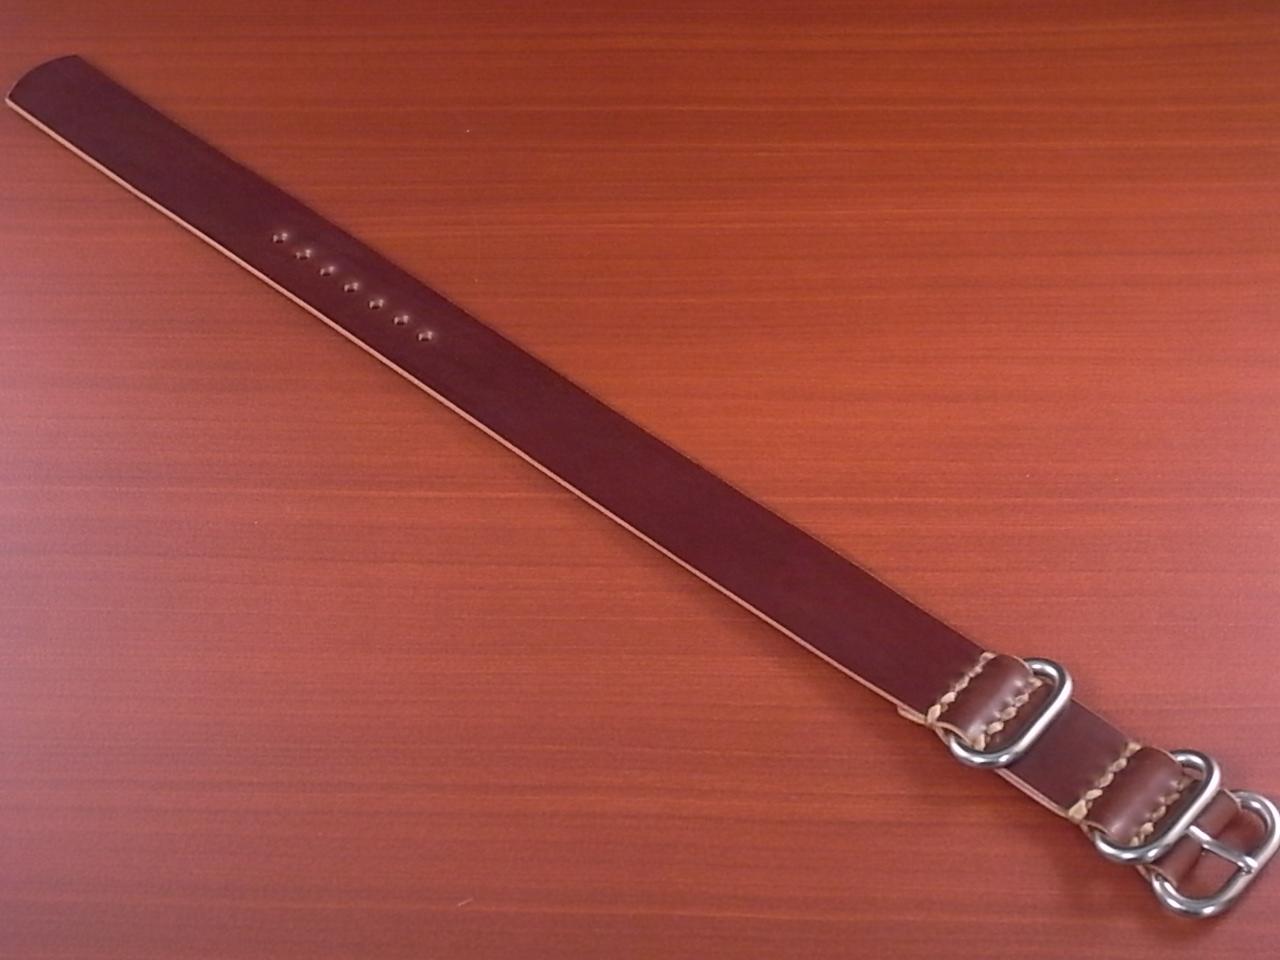 ホーウィン コードバン 引き通し革ベルト No.4(赤茶) 17~24mm 受注生産のメイン写真